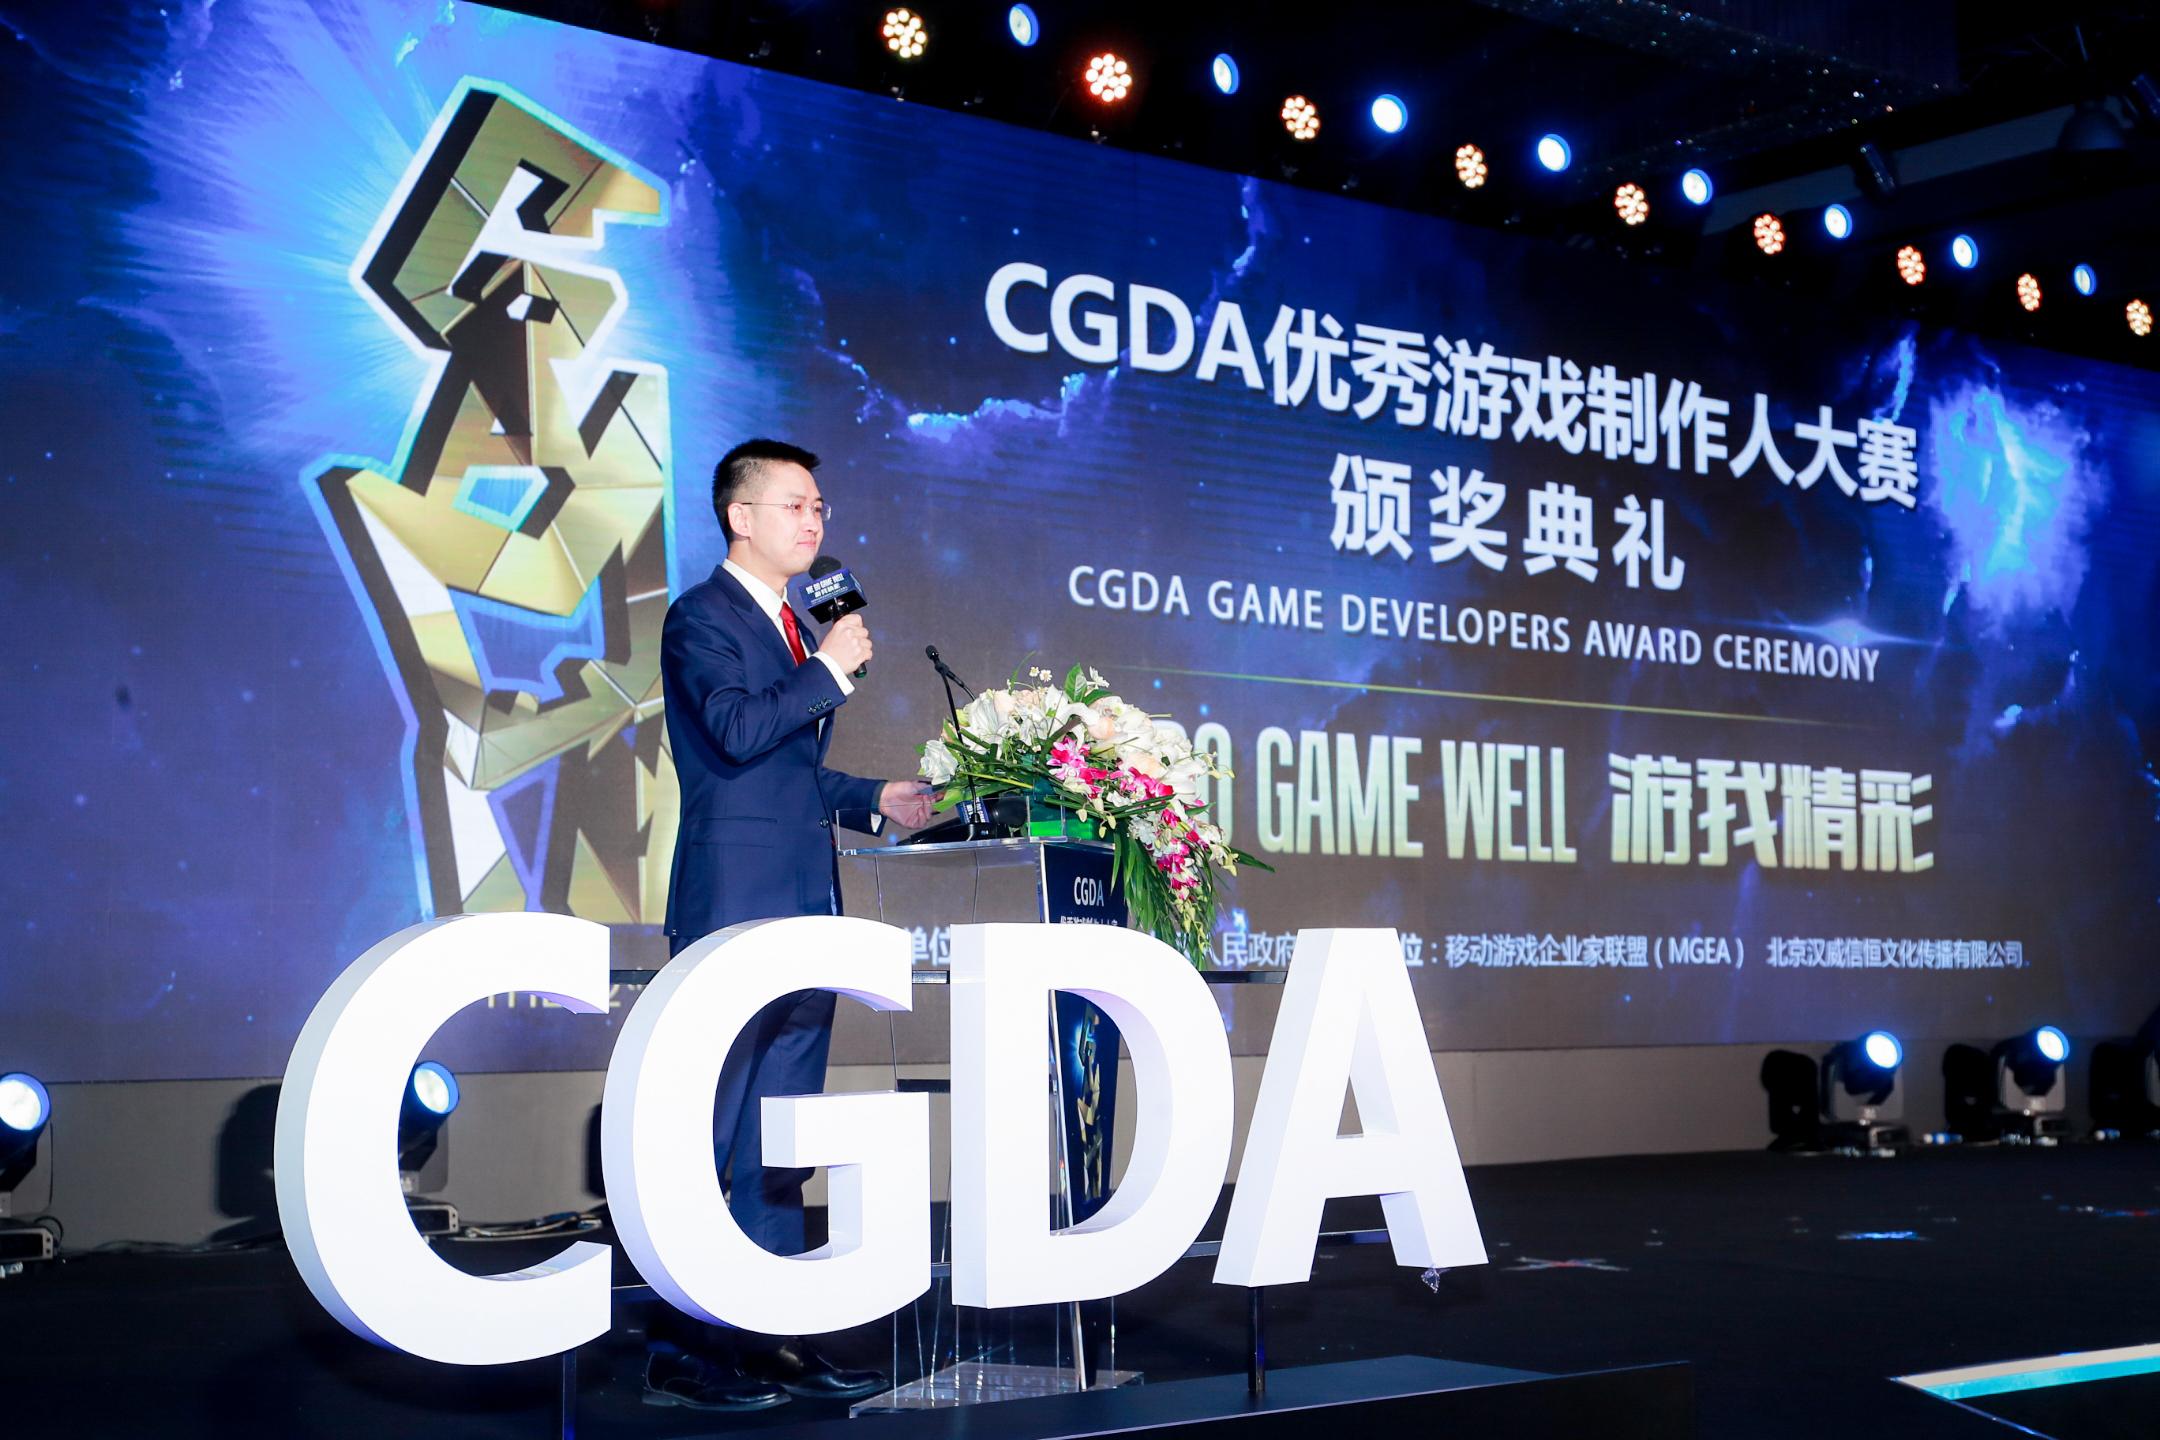 游我精彩!第十二届CGDA优秀游戏制作人大赛颁奖盛典隆重举办!